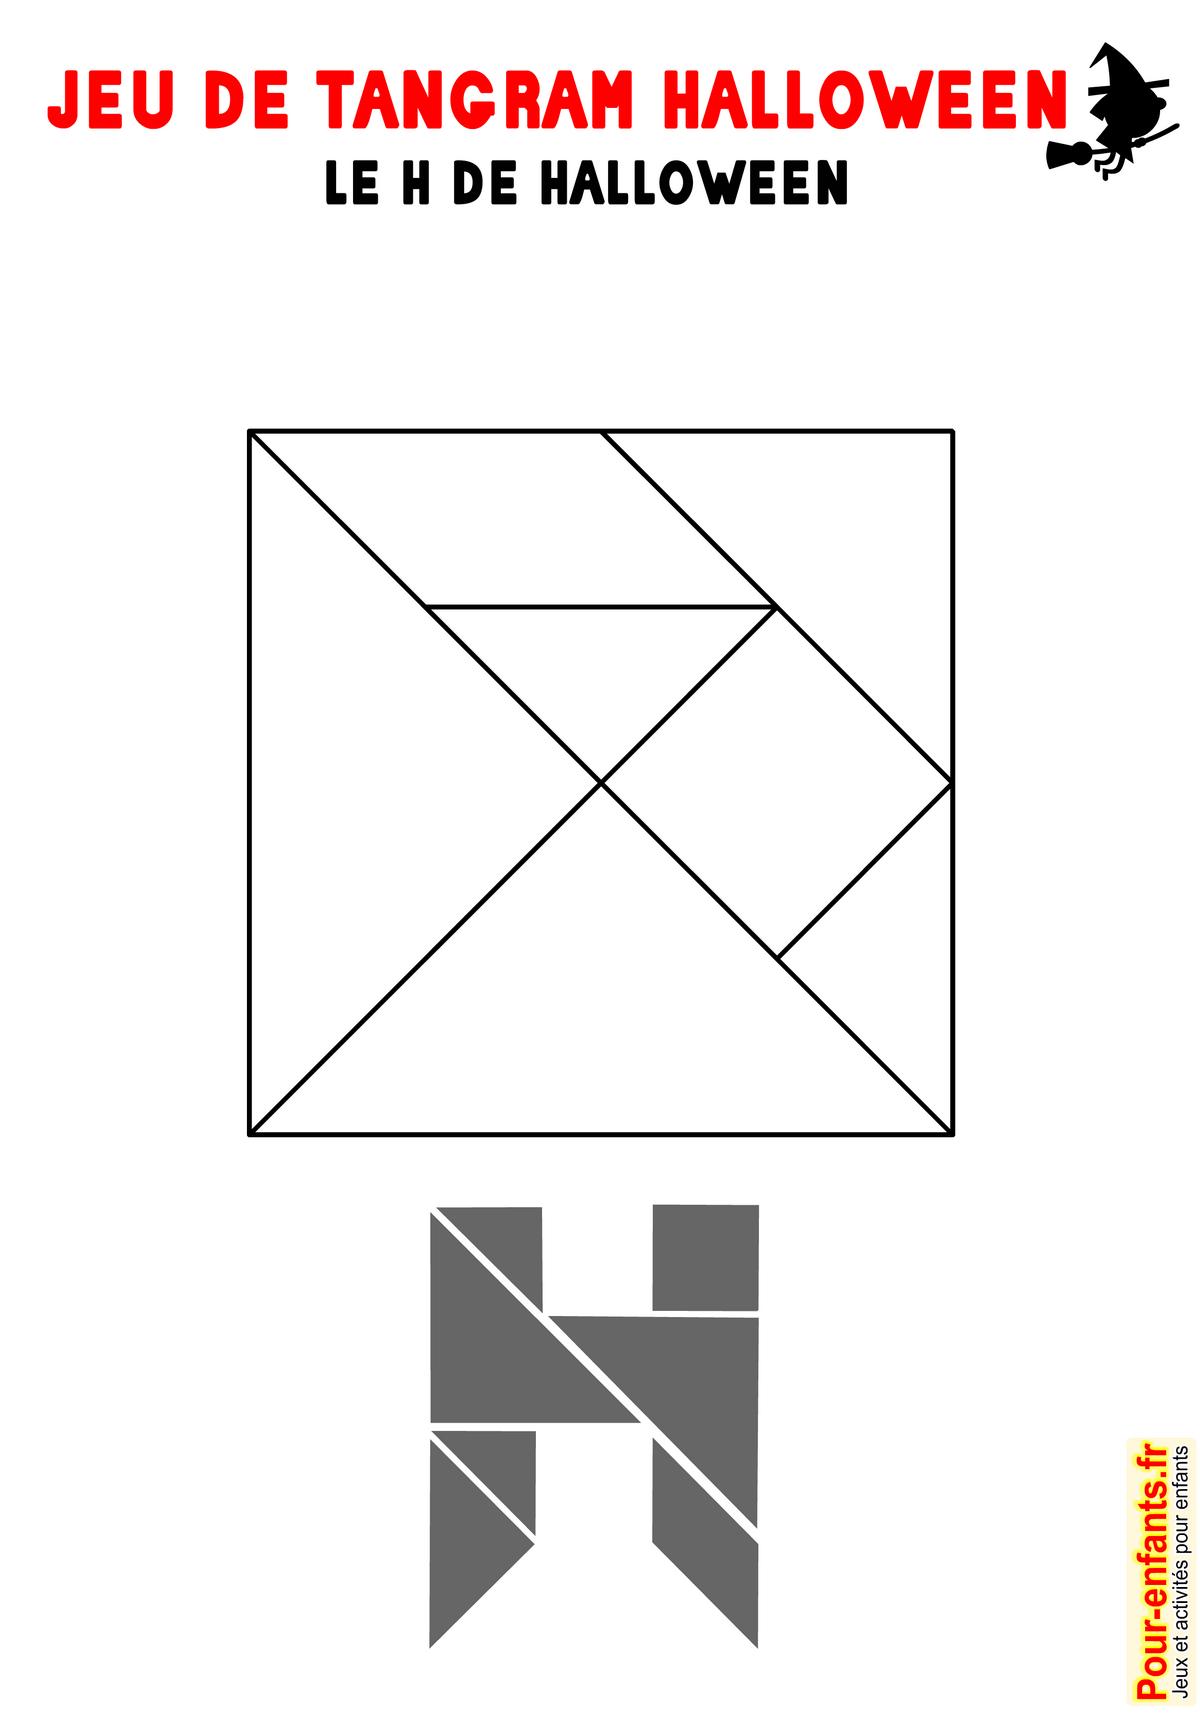 100+ [ Jeux De Lettres Gratuits ] | Jeux De Match 3 Plus De dedans Jeux De Lettres À Imprimer